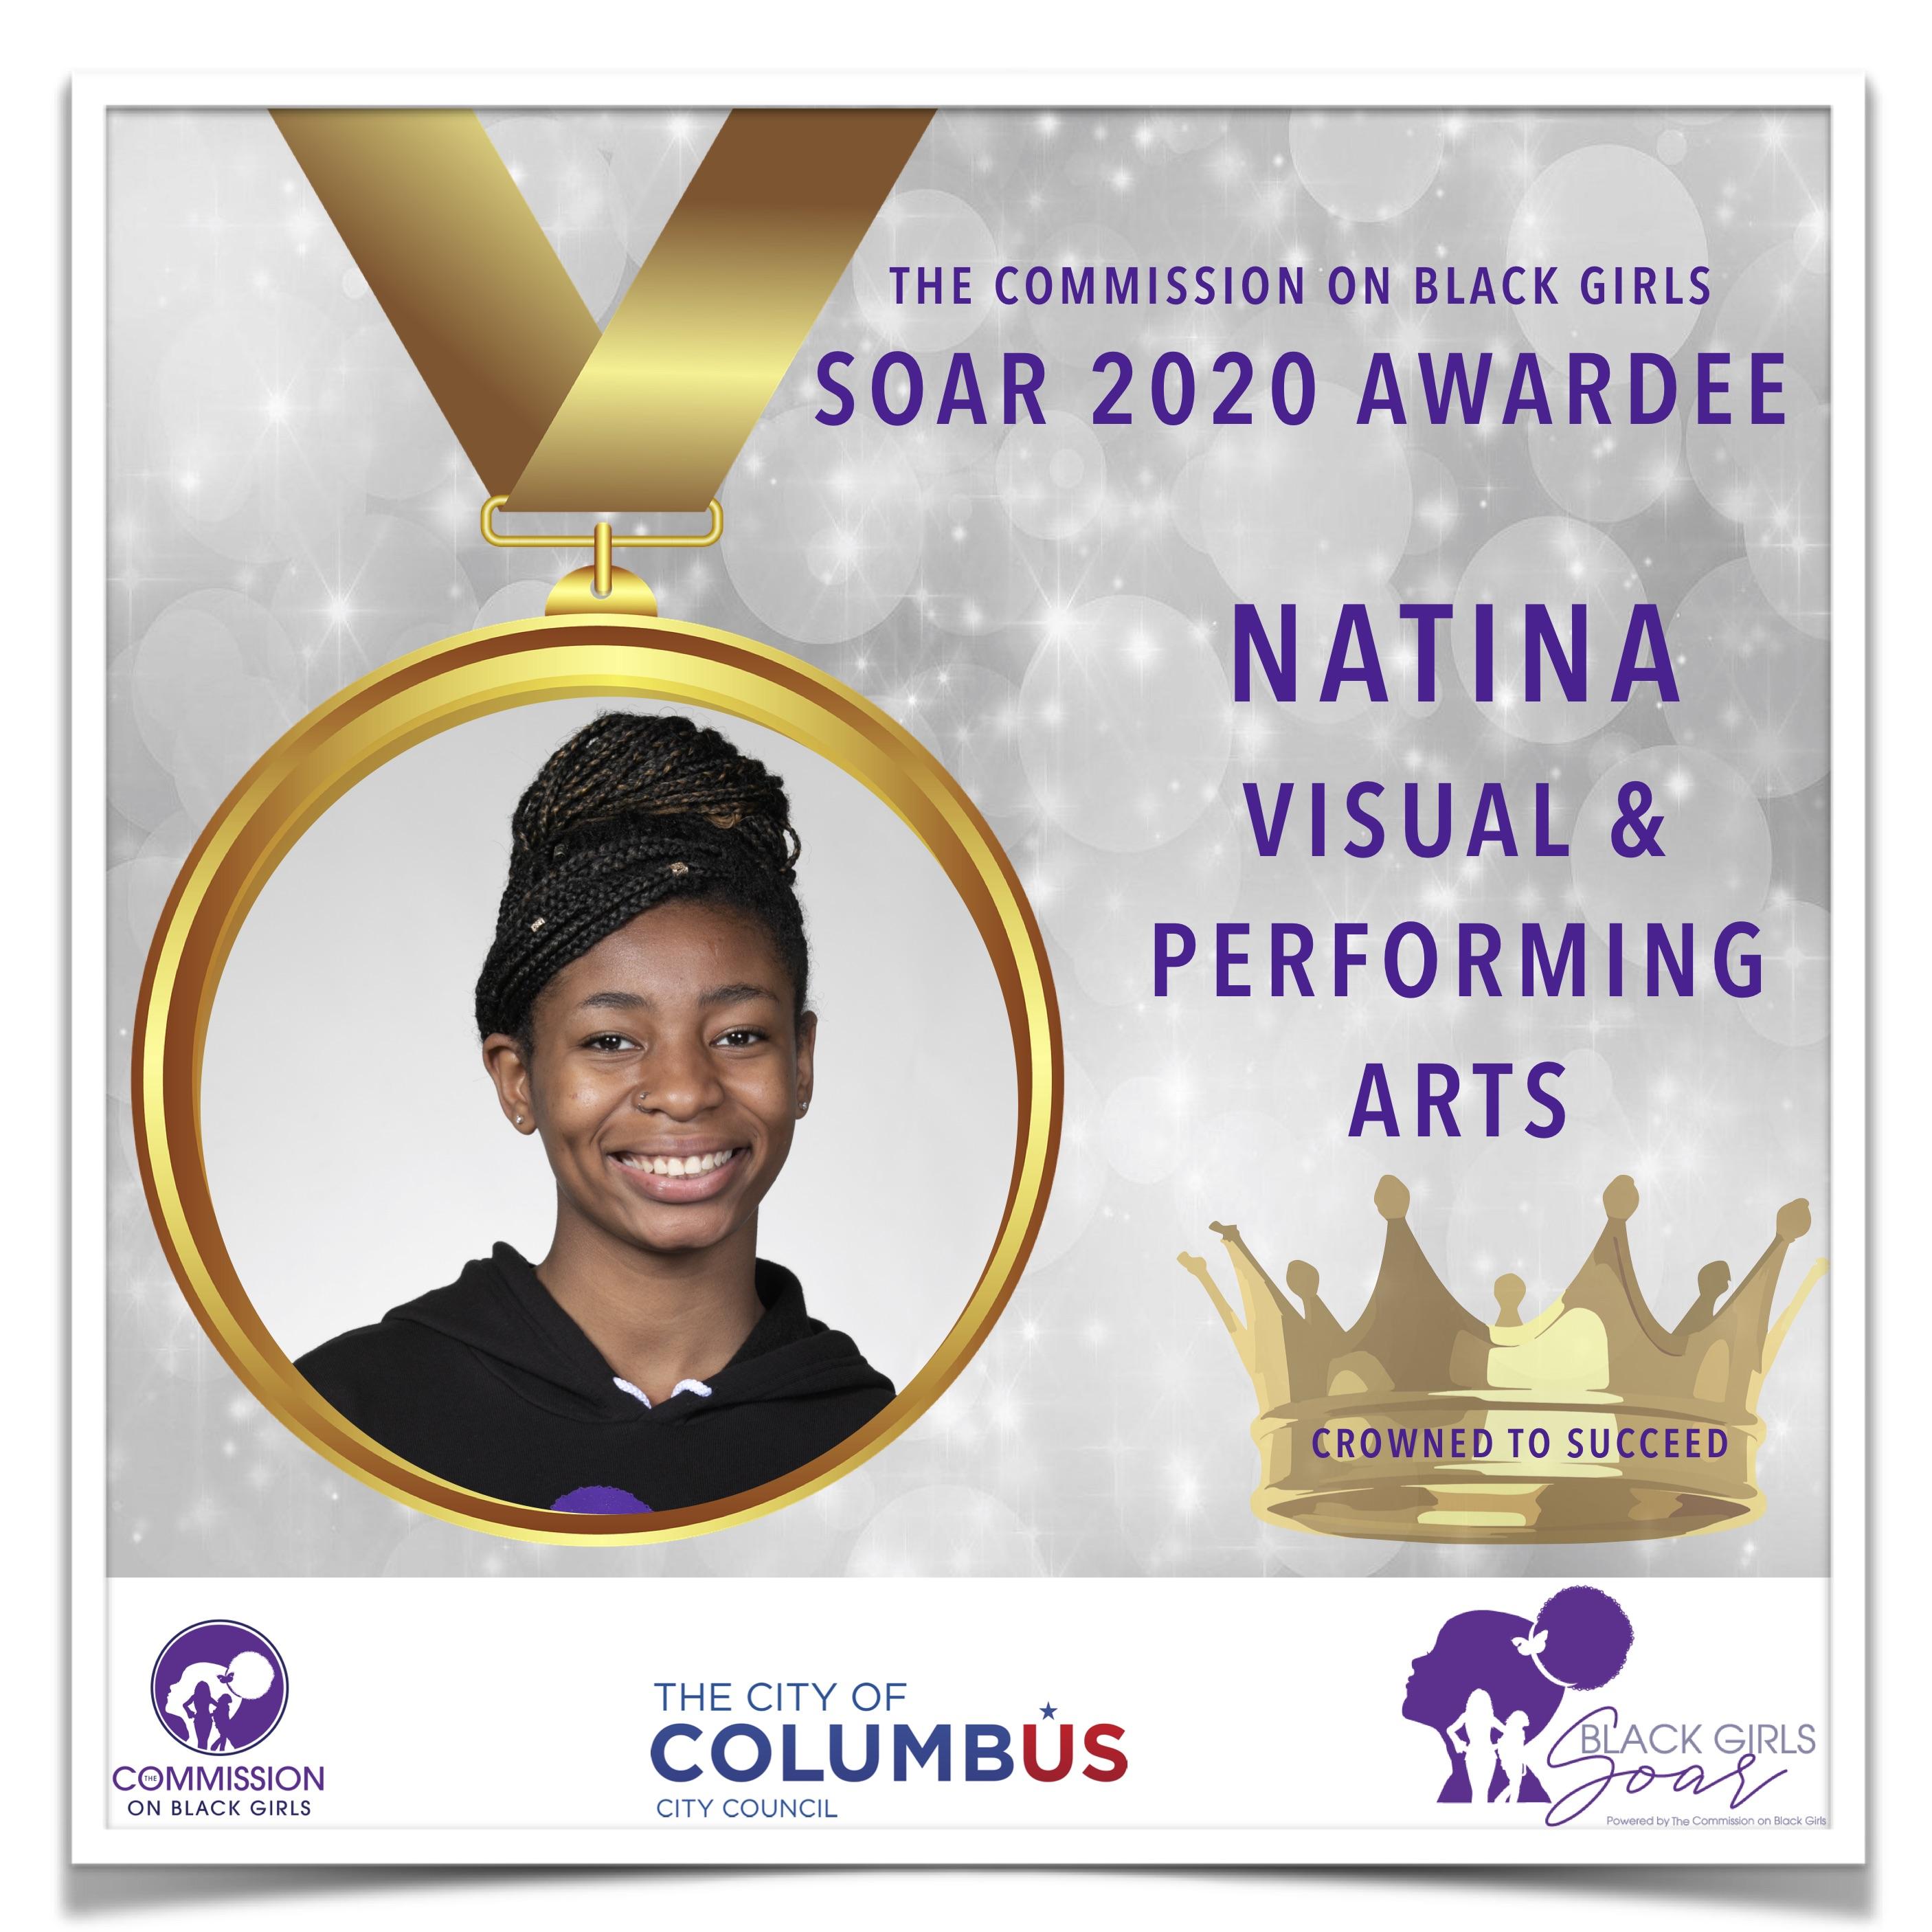 7 SOAR 2020 Natina Visual and Performing